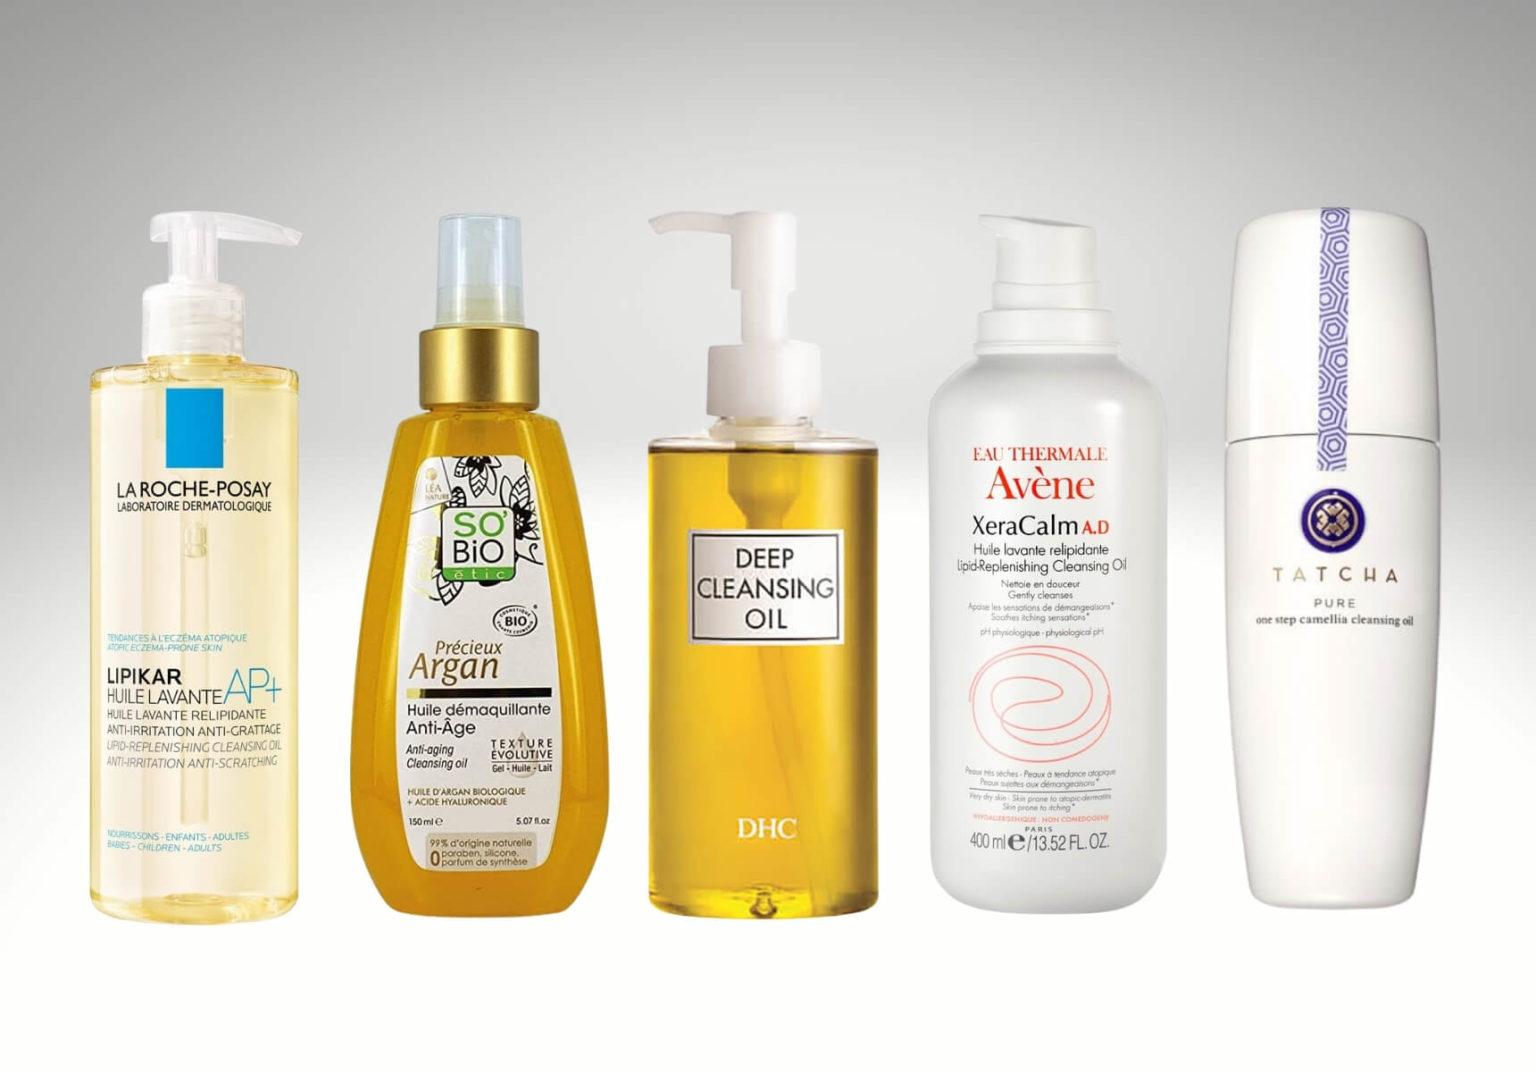 miglior-olio-detergente-per-viso